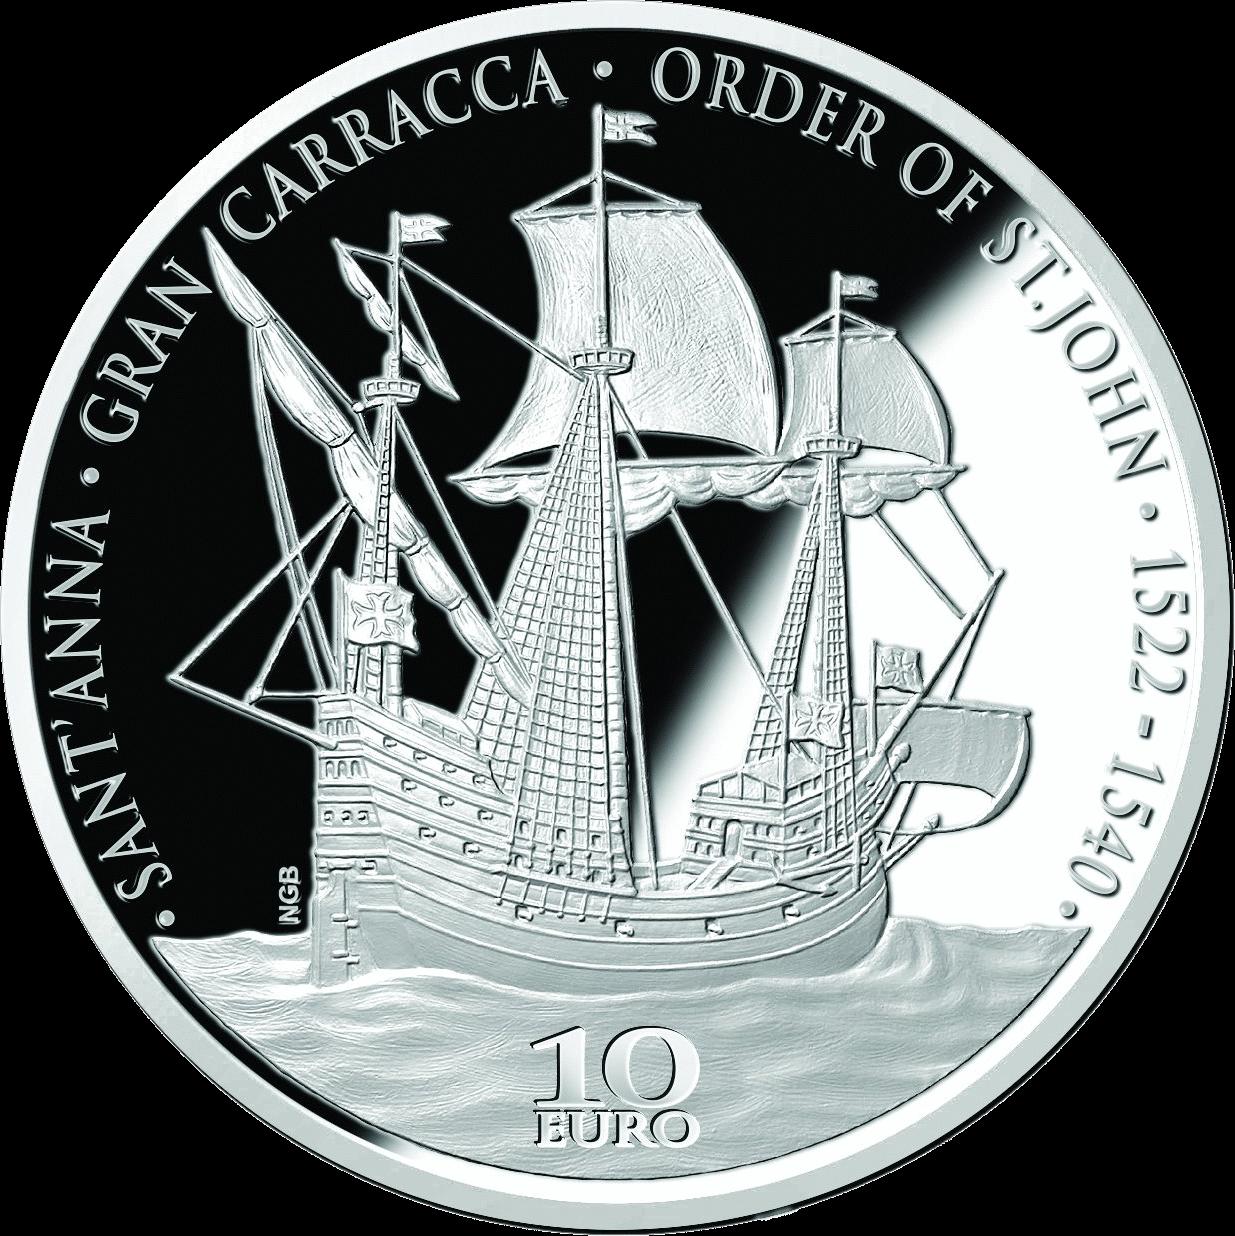 Мальта монета 10 евро Гран-Карракка Ордена Святого Иоанна, реверс